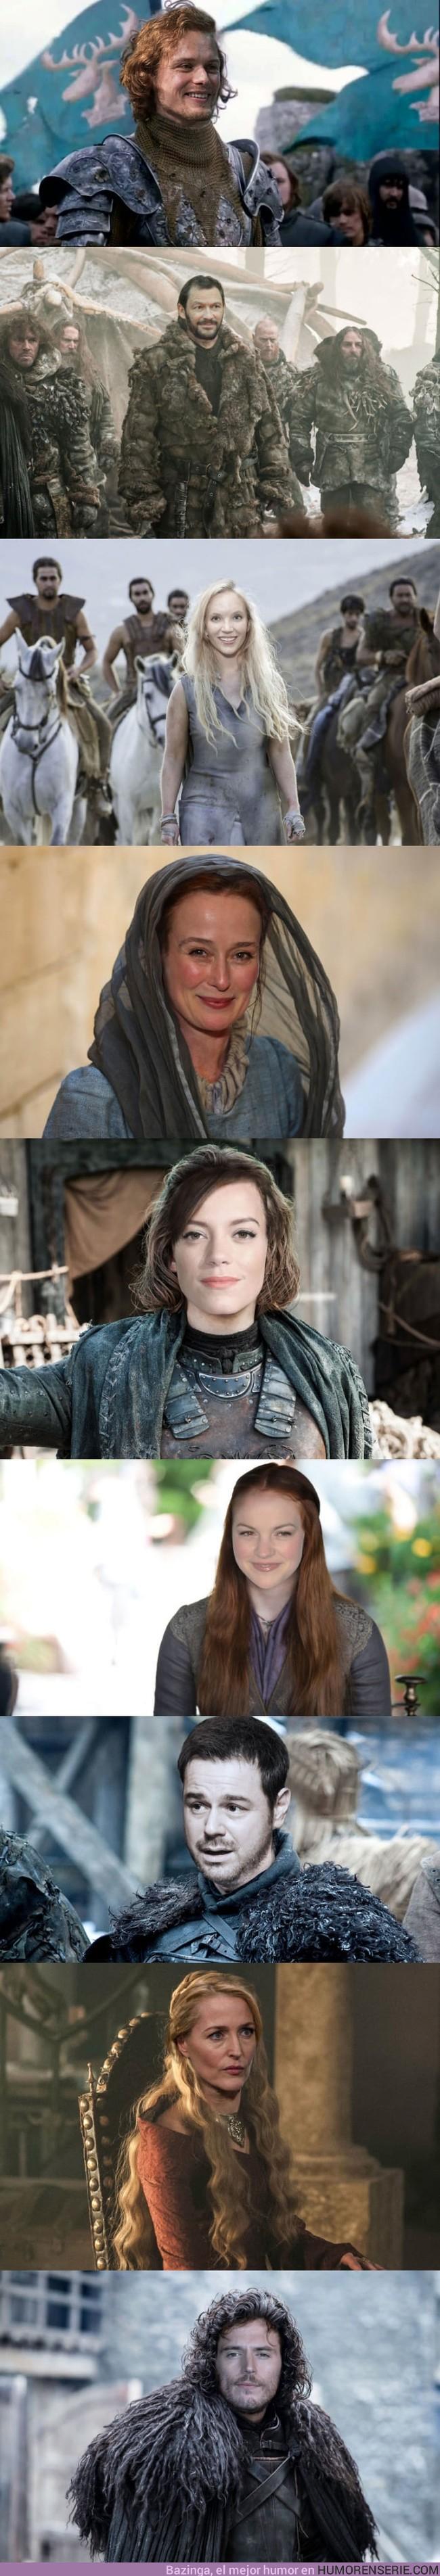 20212 - GALERÍA: Así era el casting original de los actores de Juego de Tronos